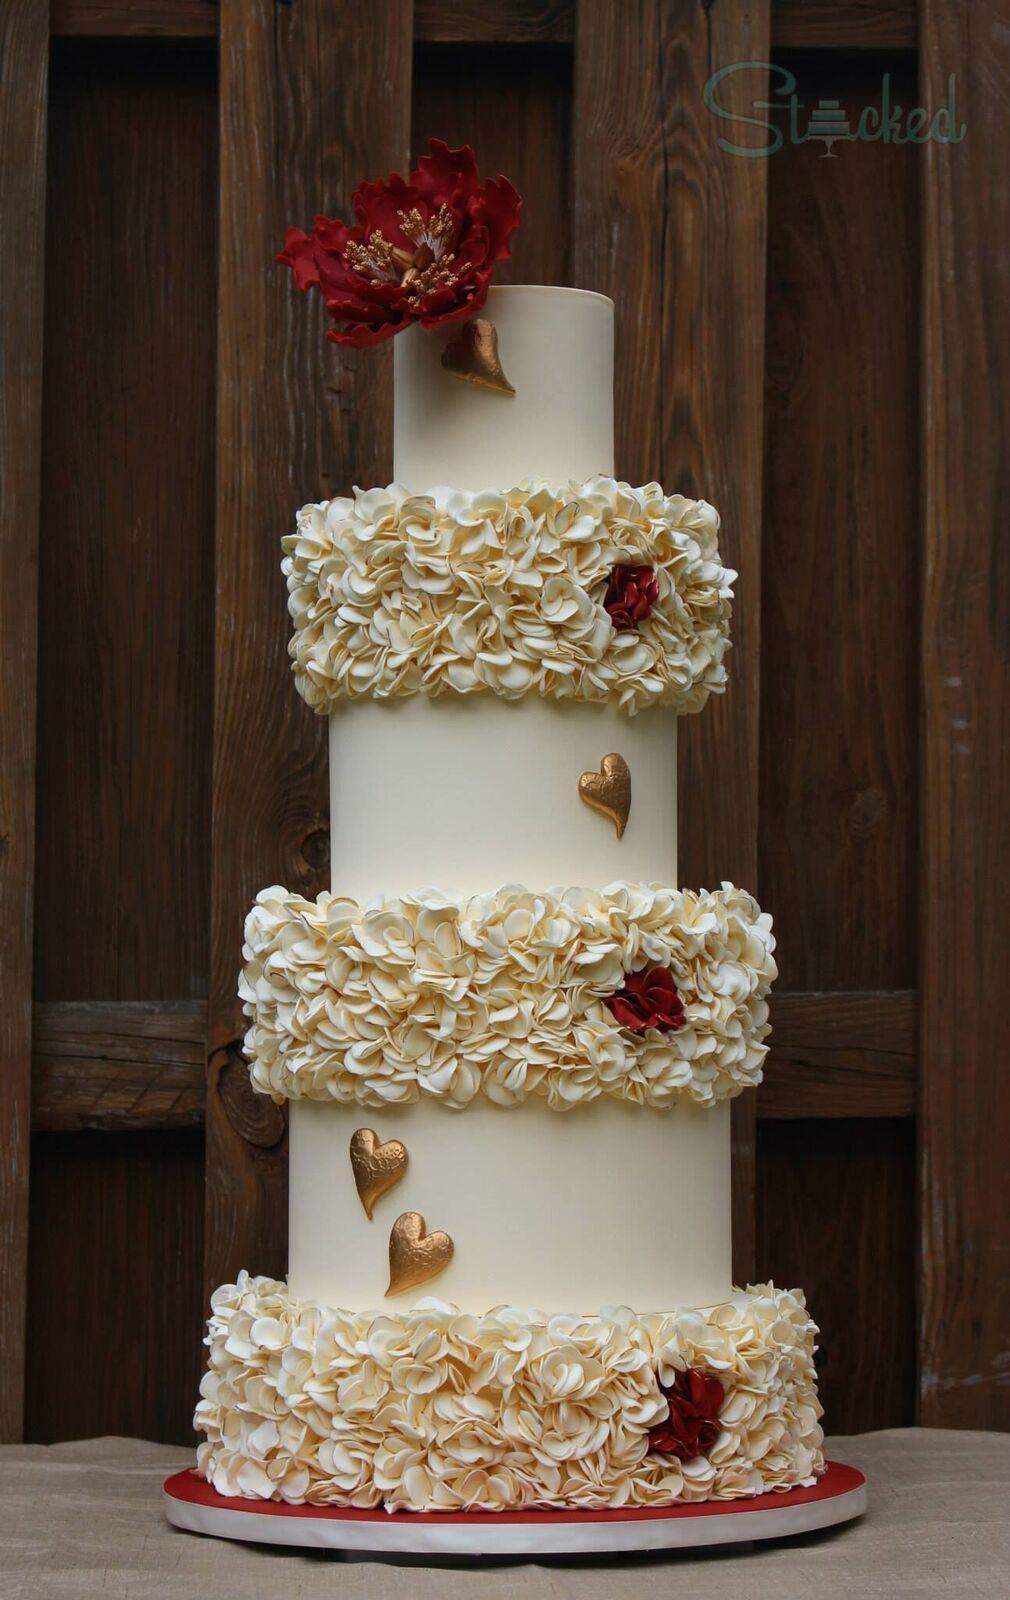 Ivory ruffle wedding cake with hearts